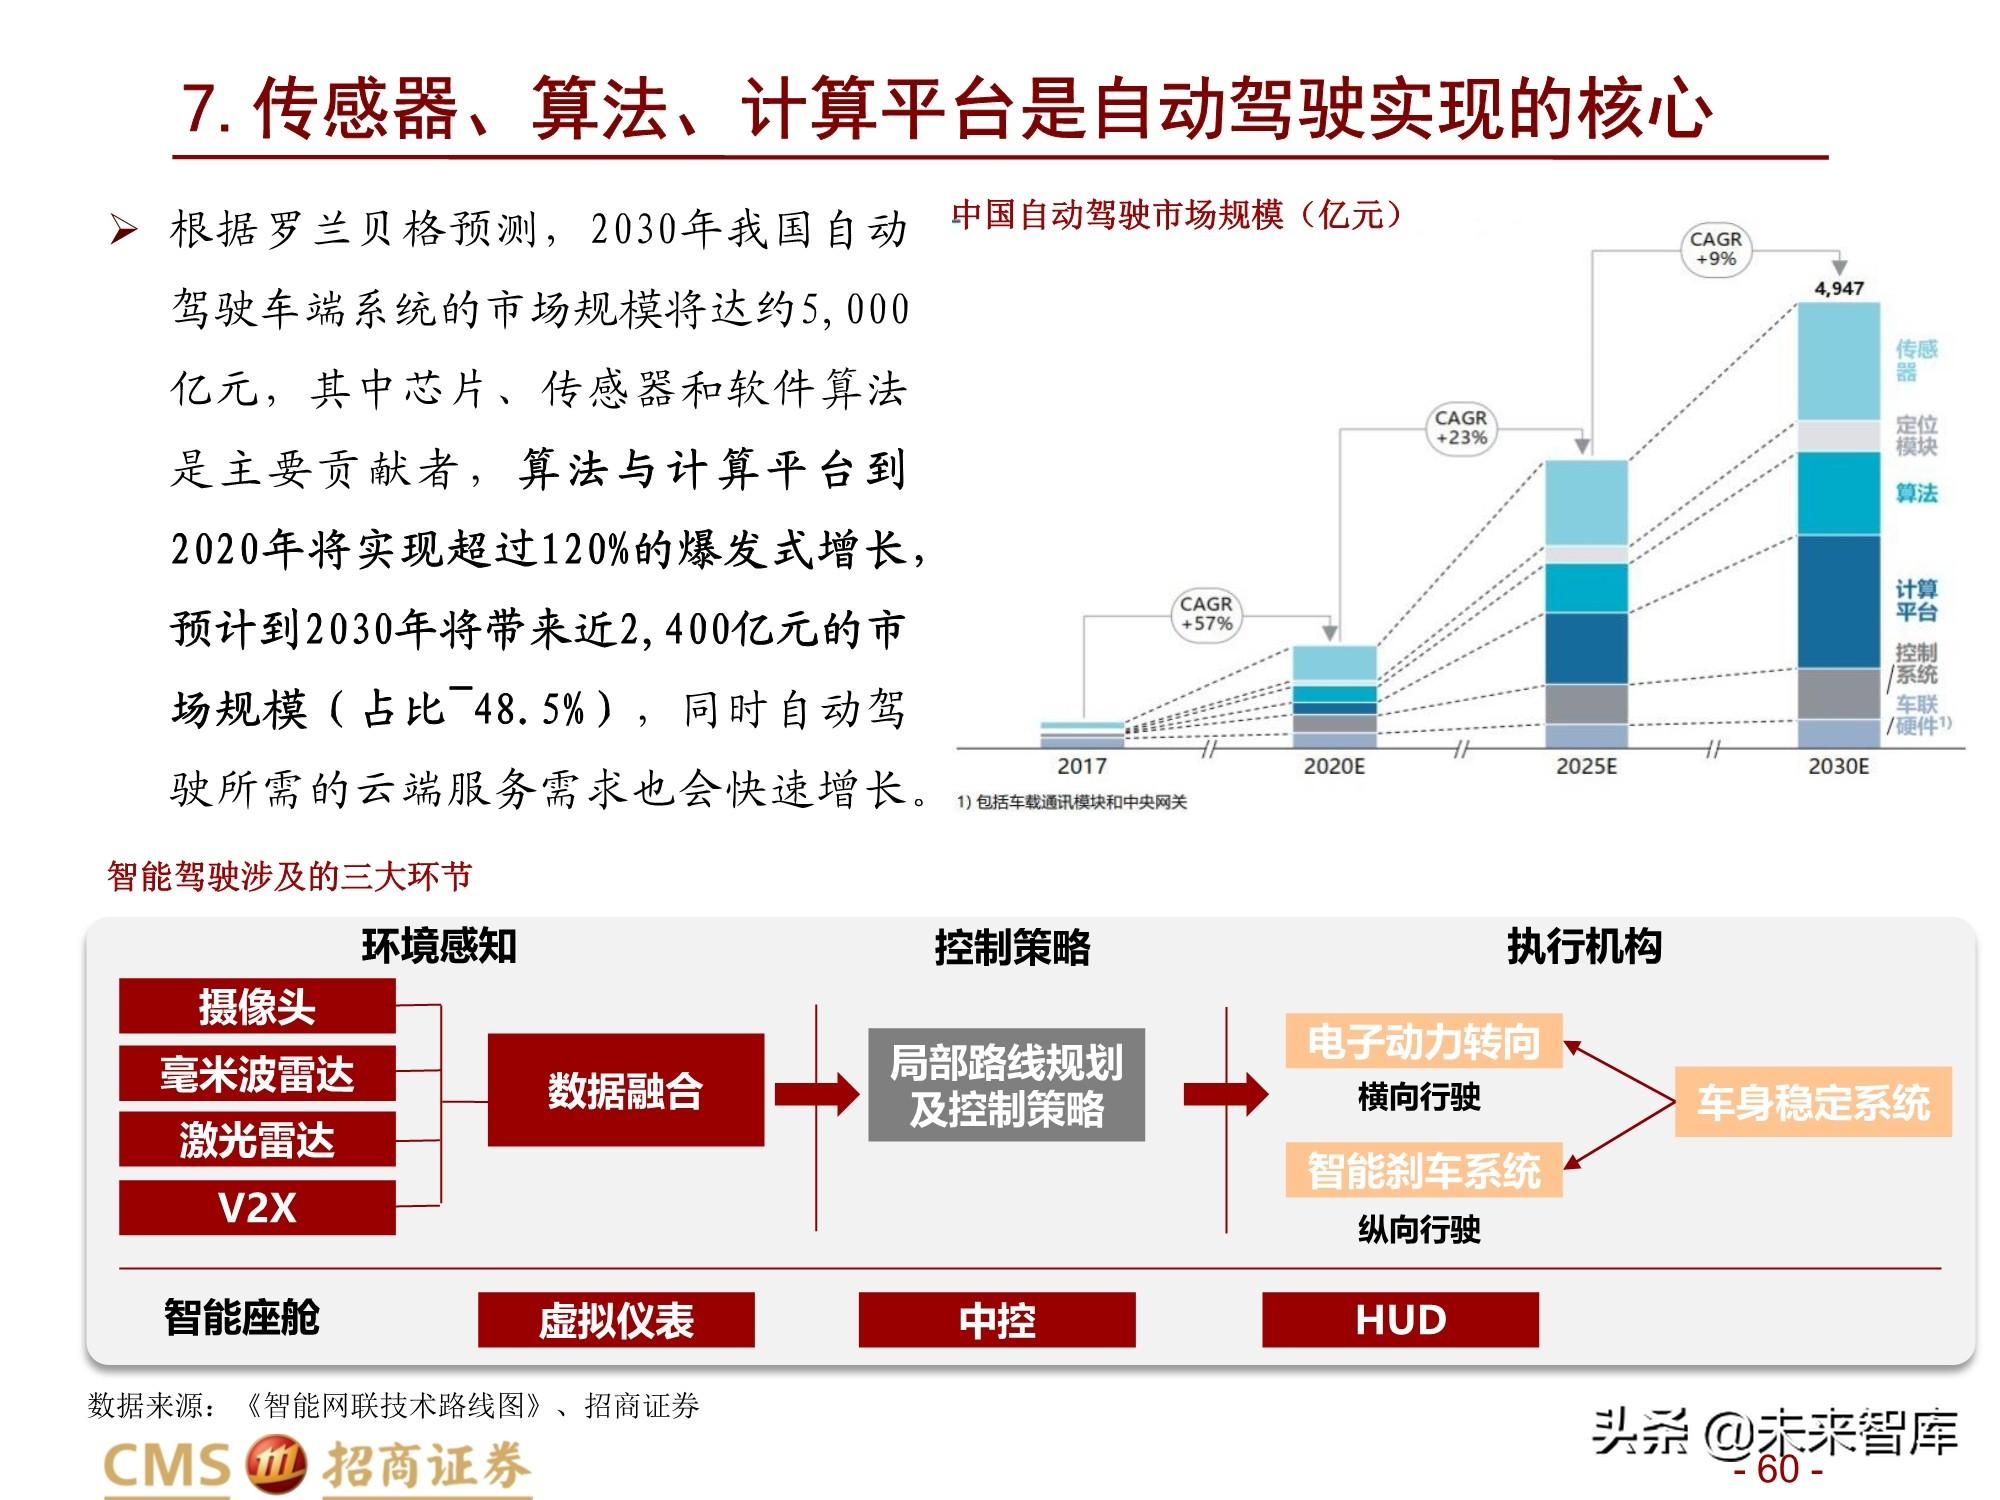 通信行业2021年度投资策略:百转千回,蓄势待发